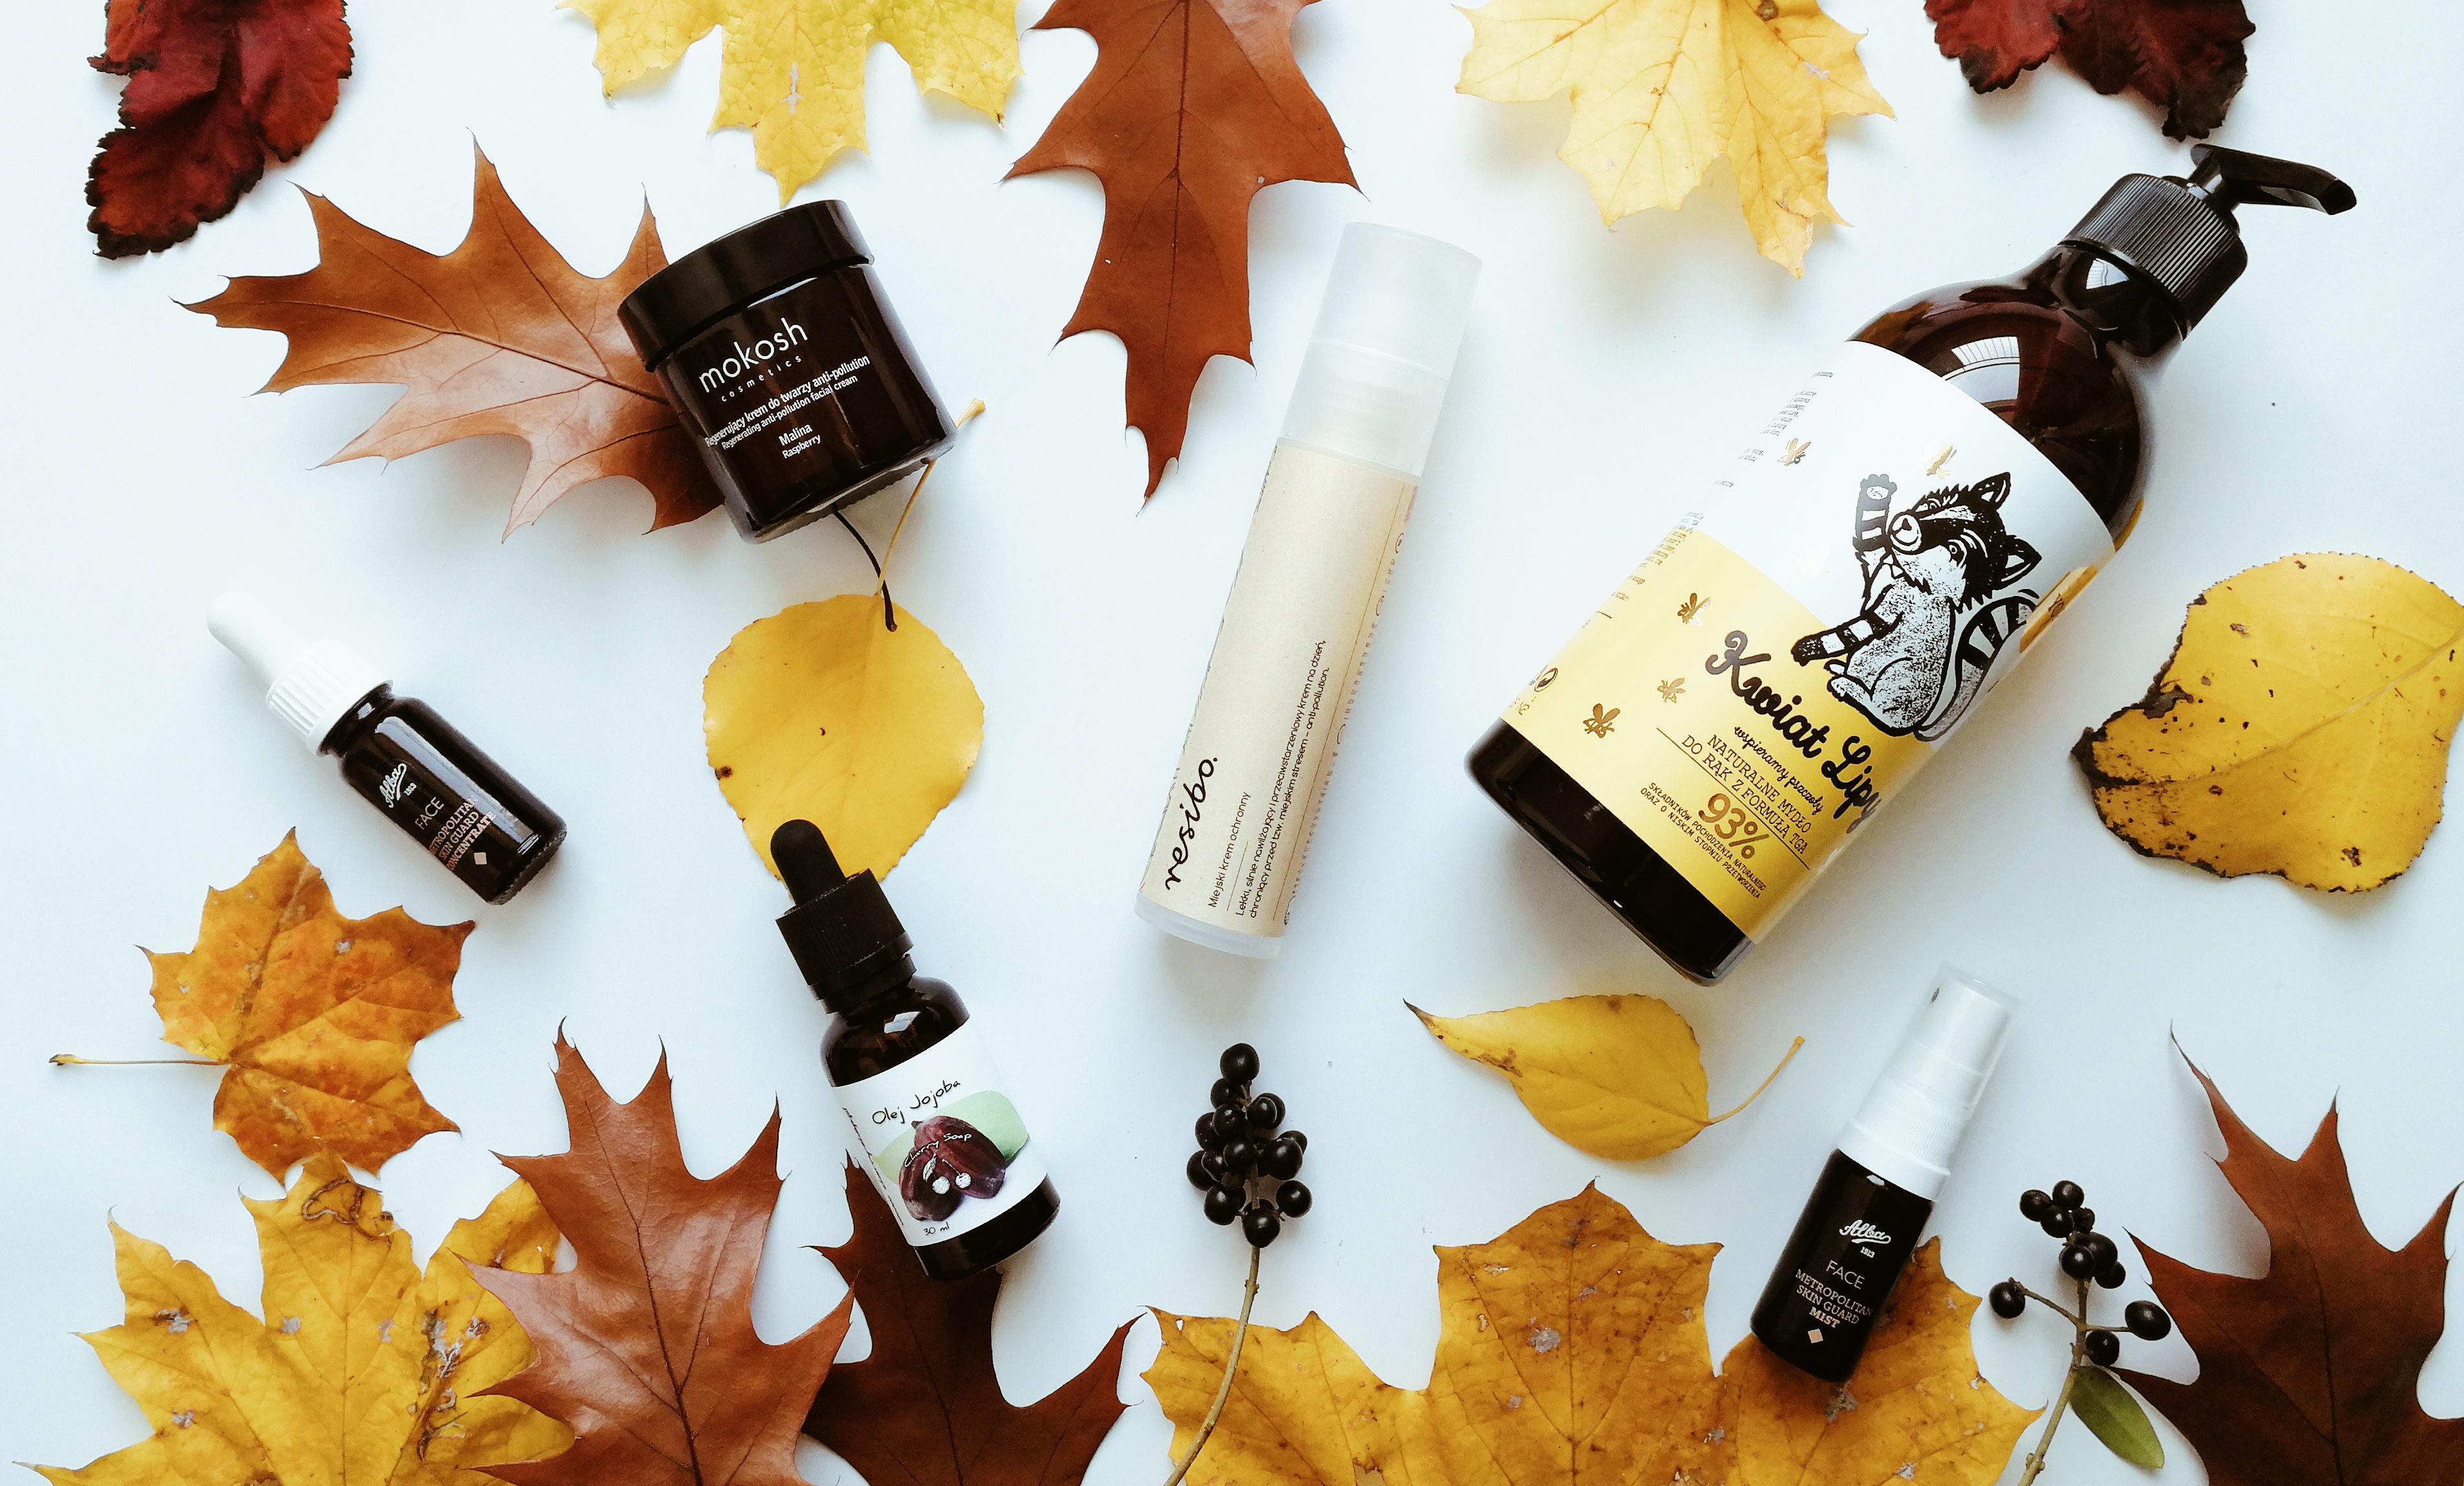 Kosmetyki ekologiczne w otoczeniu jesiennych liści